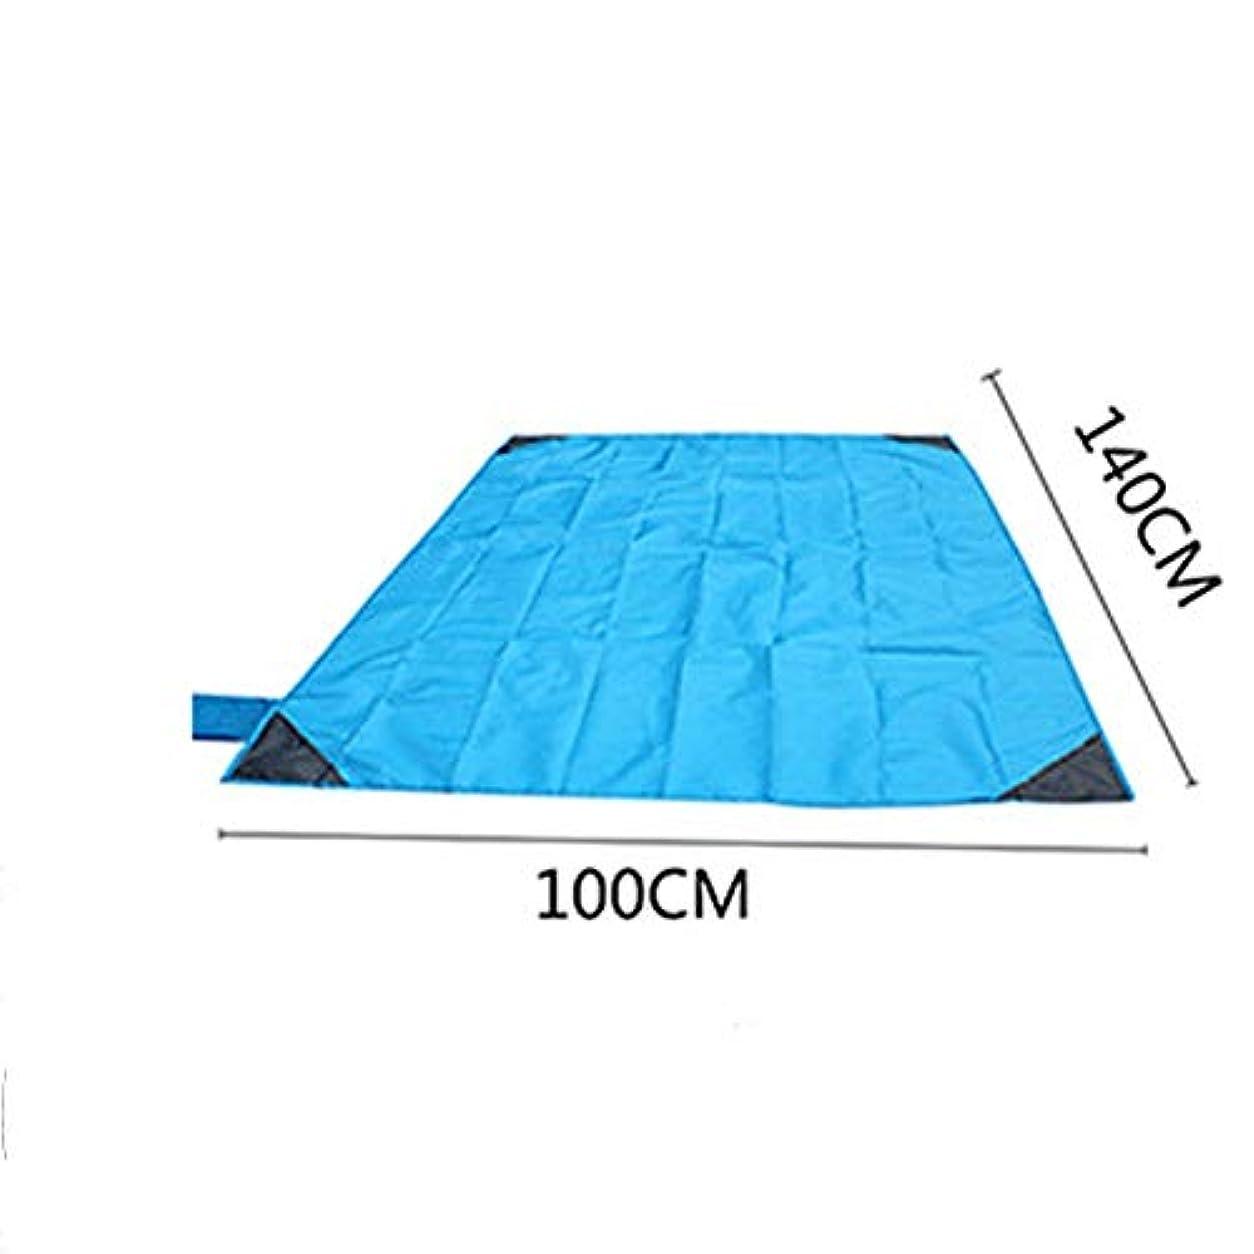 オーブンバスケットボールアートZXK 屋外の防水および湿気防止の浜のピクニックマットの軽量の屋外のキャンプのマット 丈夫 (色 : Blue)